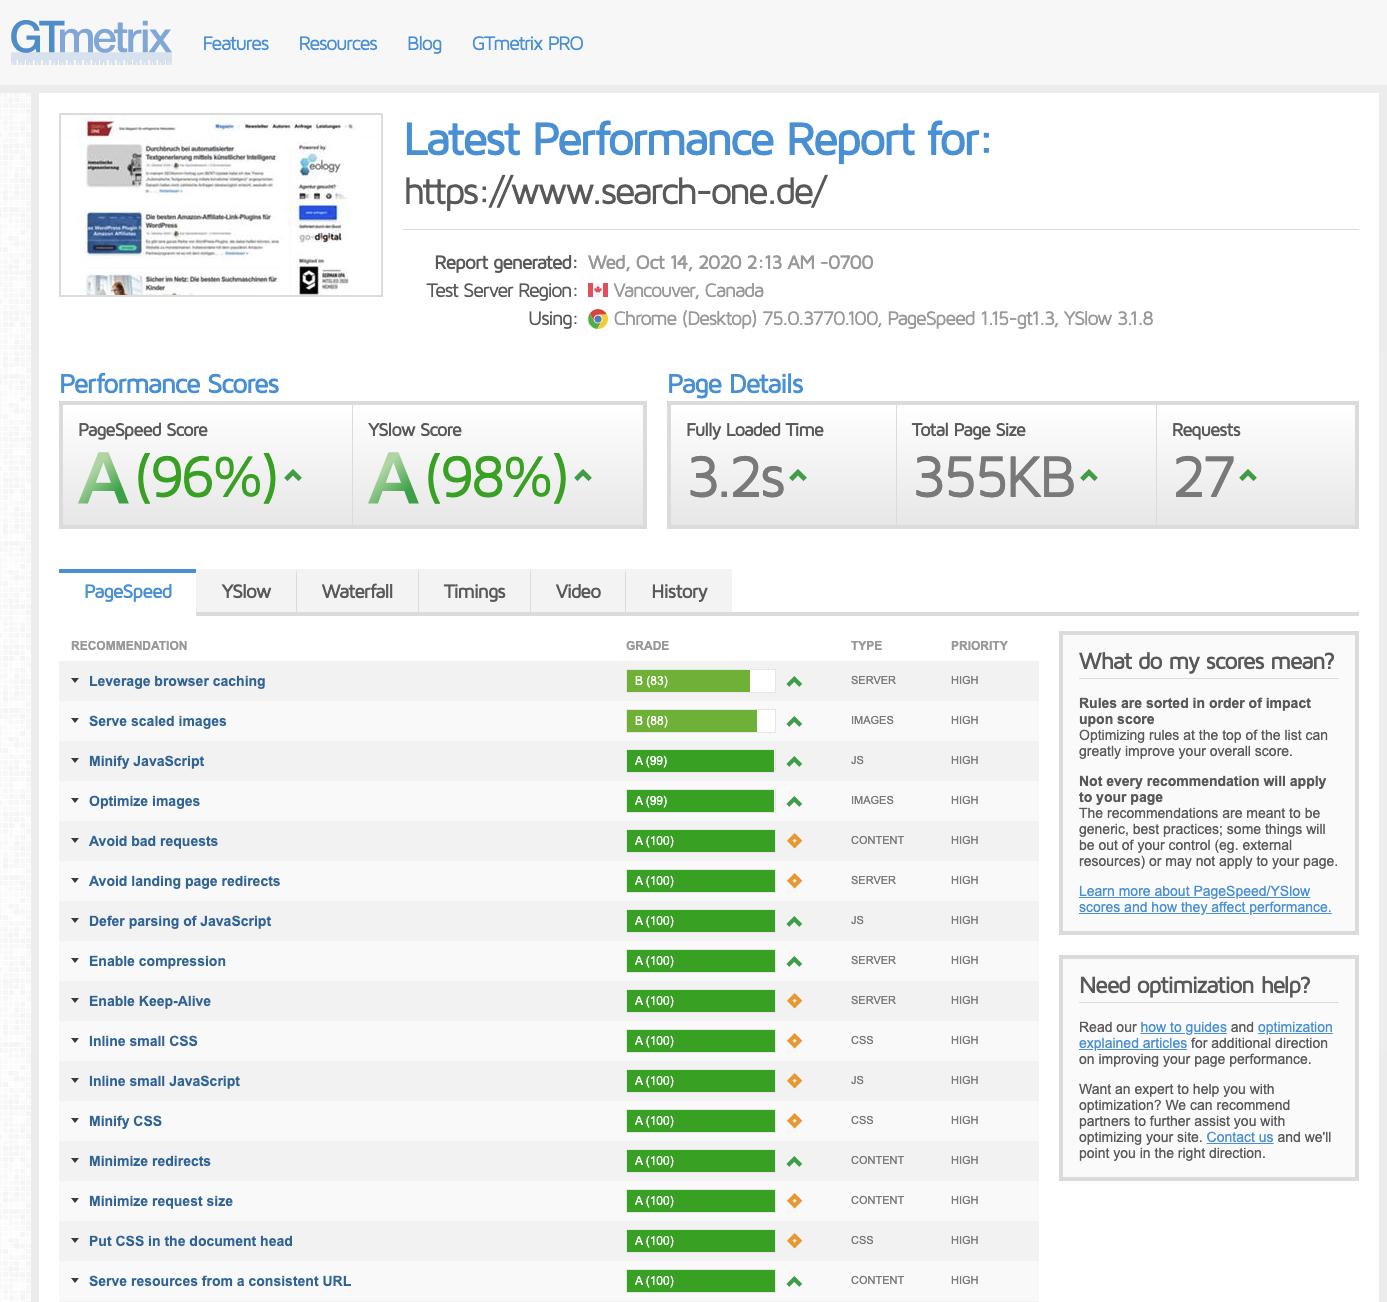 Einblicke in GTmetrix und seine unterschiedlichen Bereiche: 1. Performance Scores 2. Page Details 3. Optimierungsmöglichkeiten unterteilt nach PageSpeed, YSlow, Waterfall, Timings, Video und History